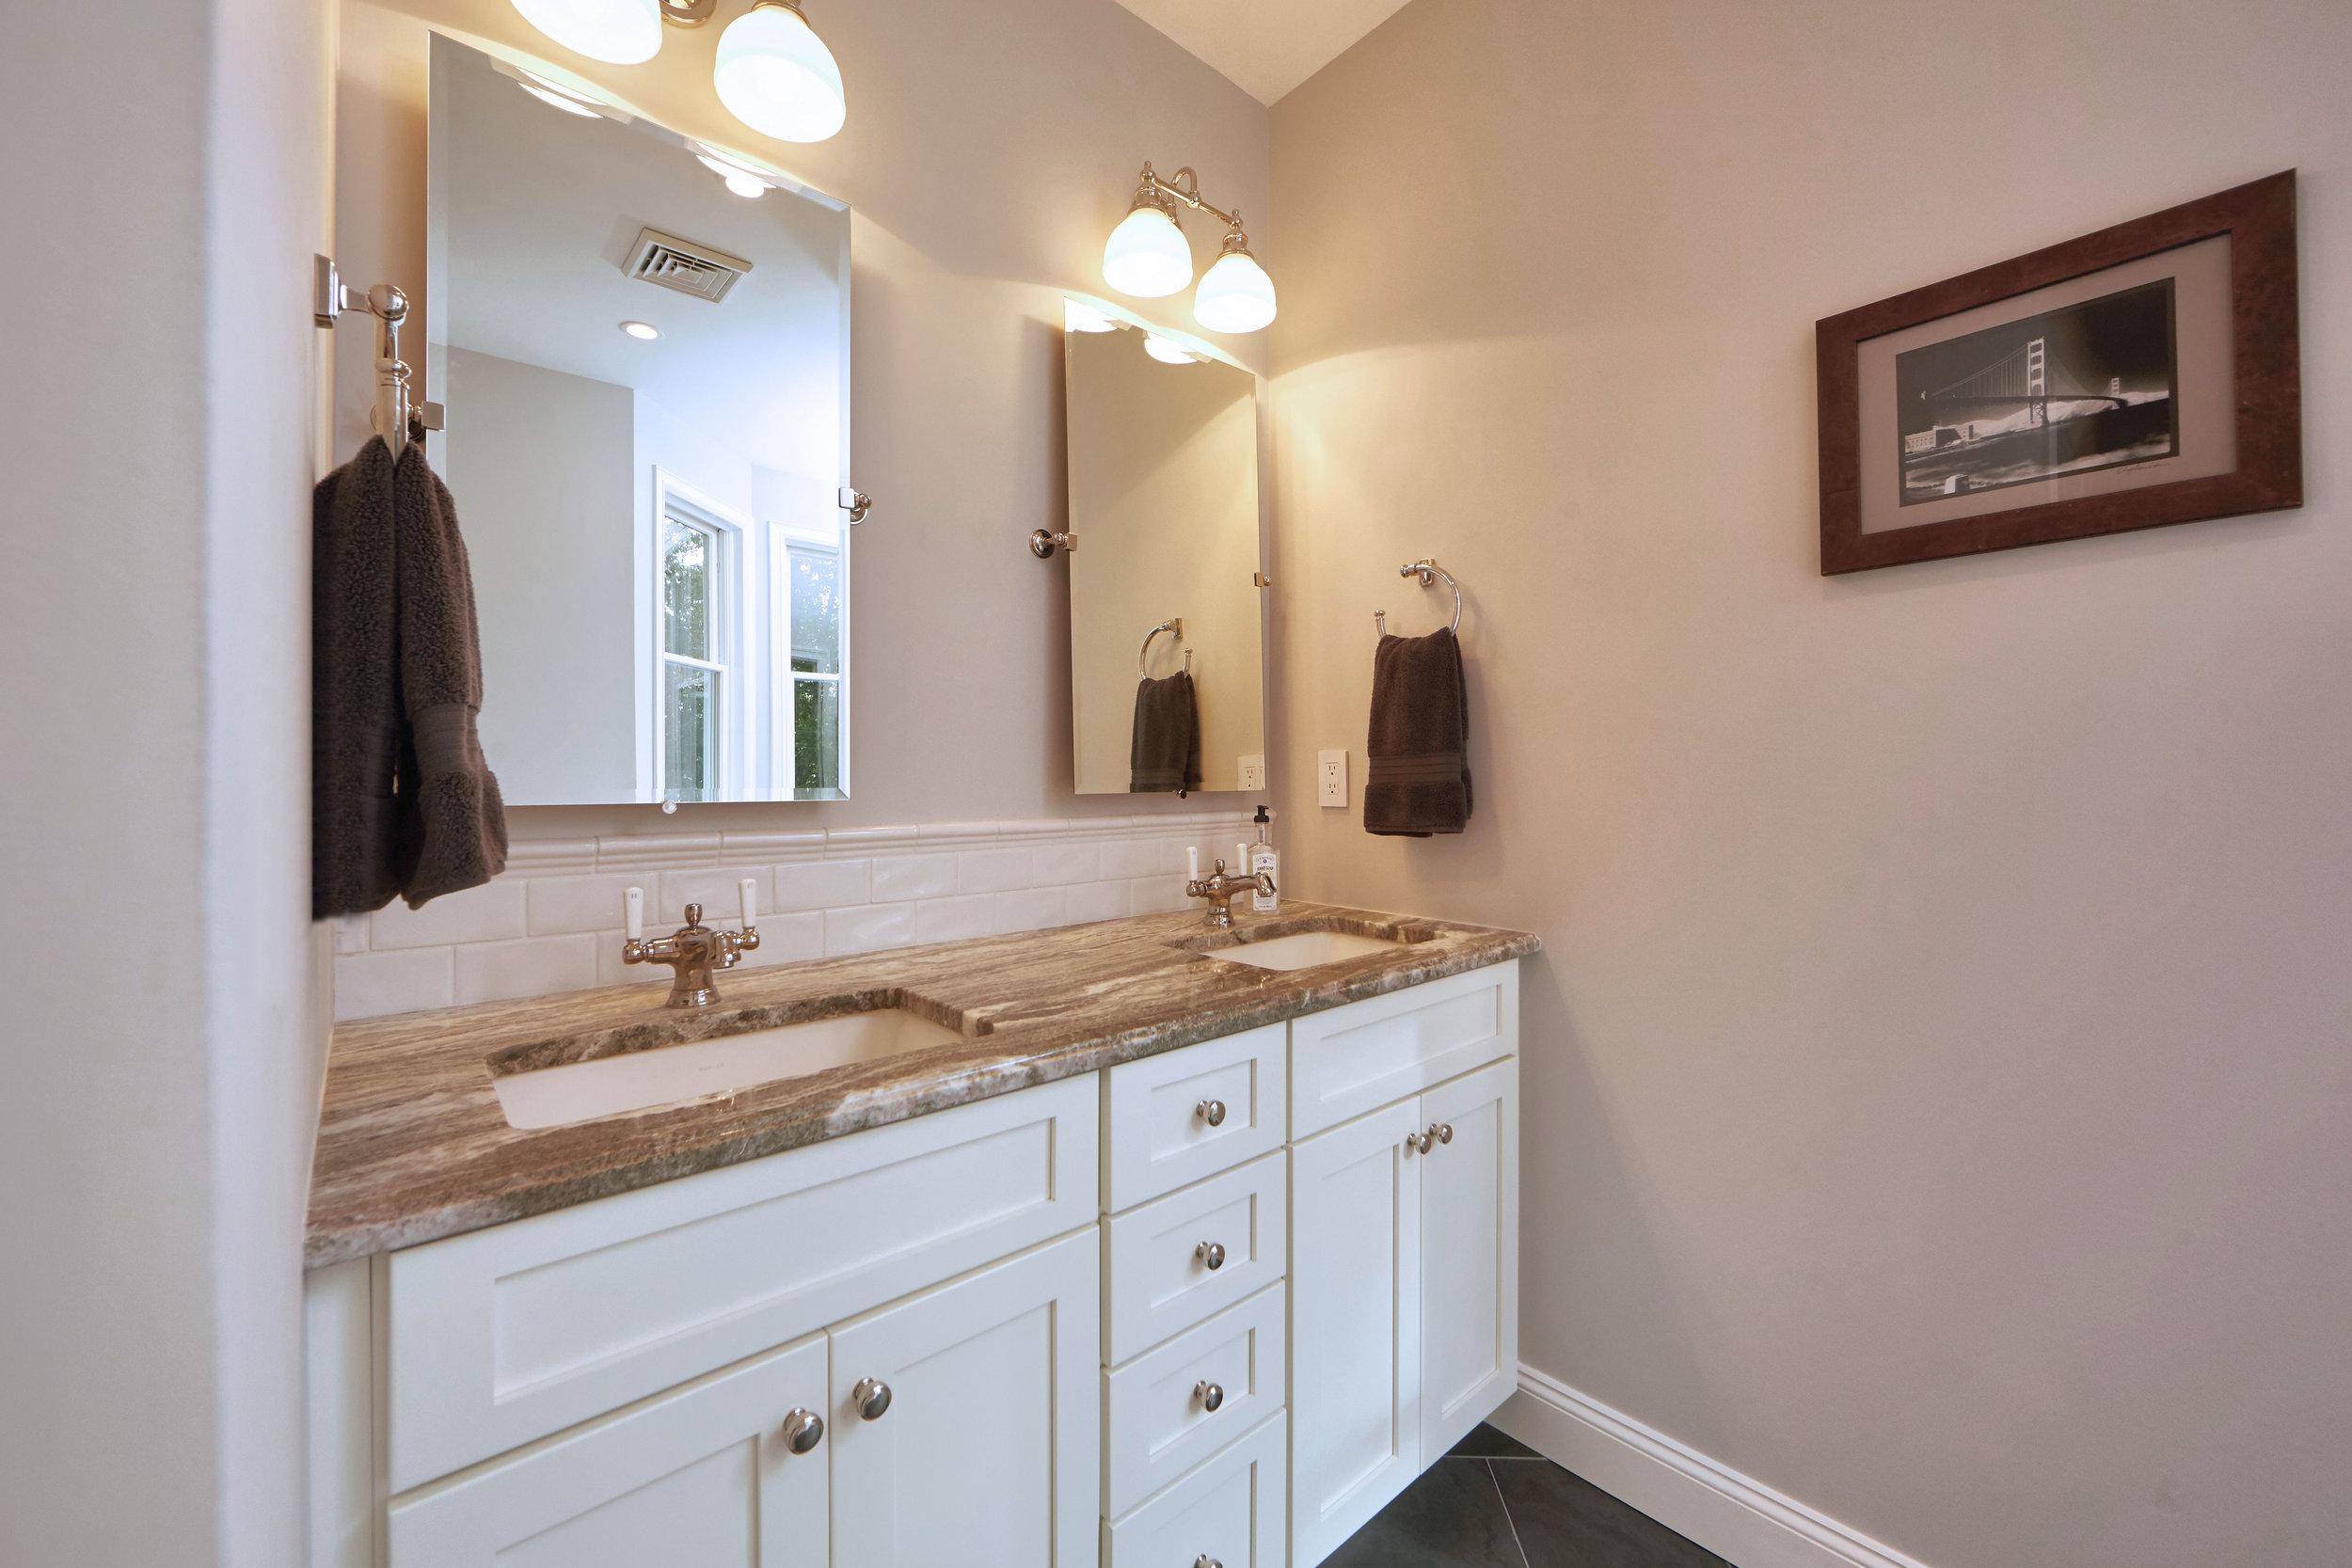 Image 16 Master Bathroom Sinks.jpg